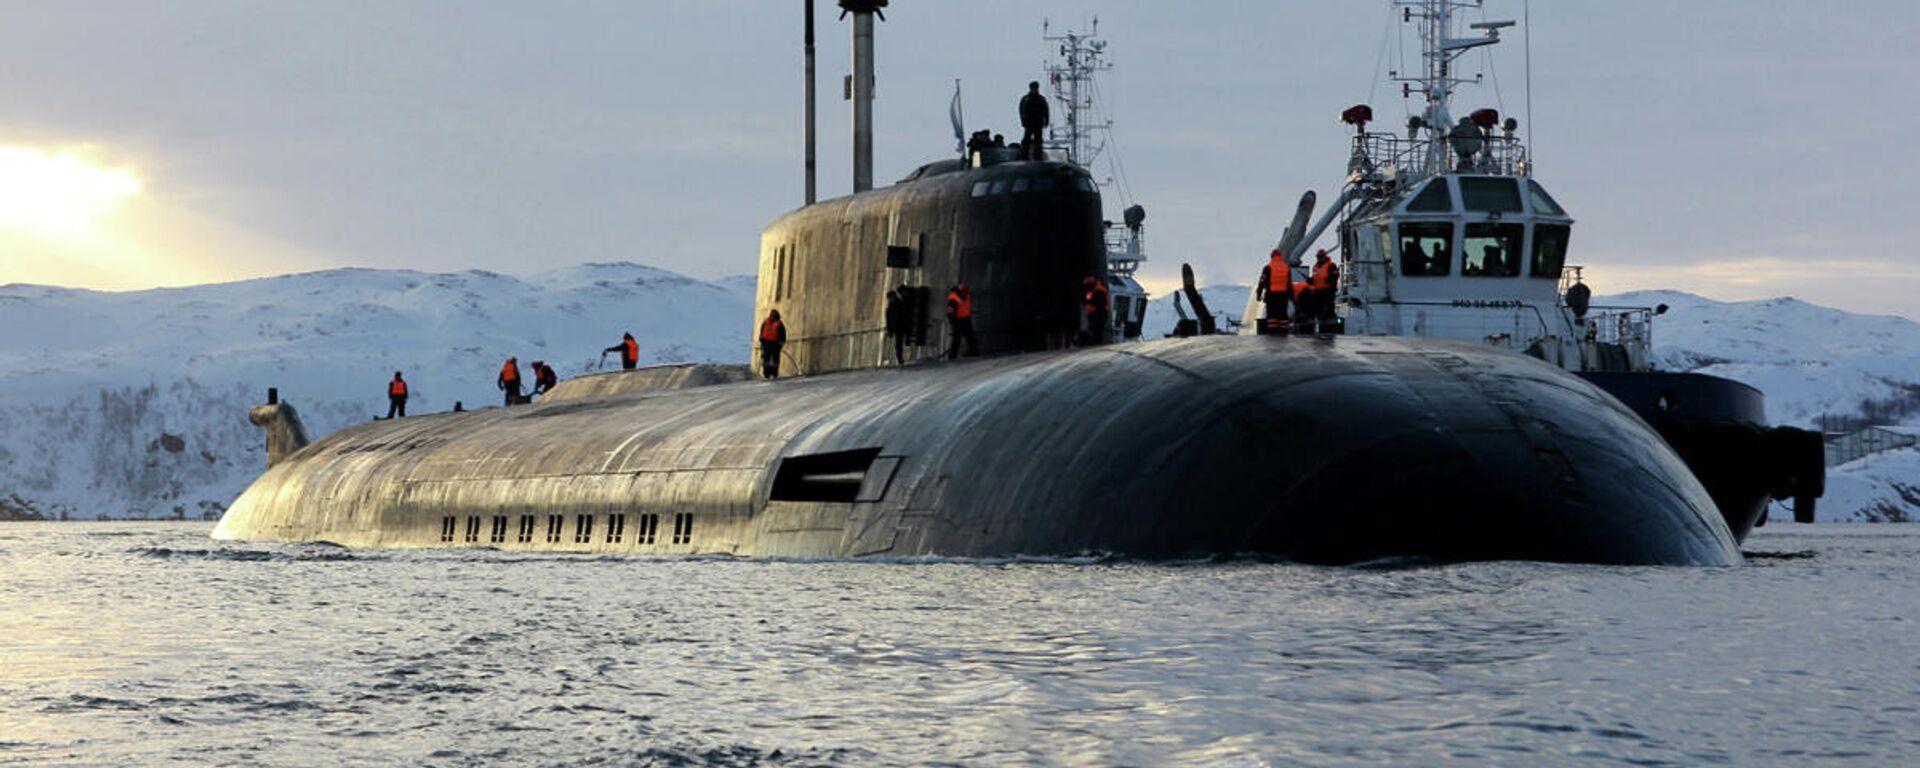 Прибытие атомного подводного ракетного крейсера Северного флота Орёл  - Sputnik Таджикистан, 1920, 07.07.2021